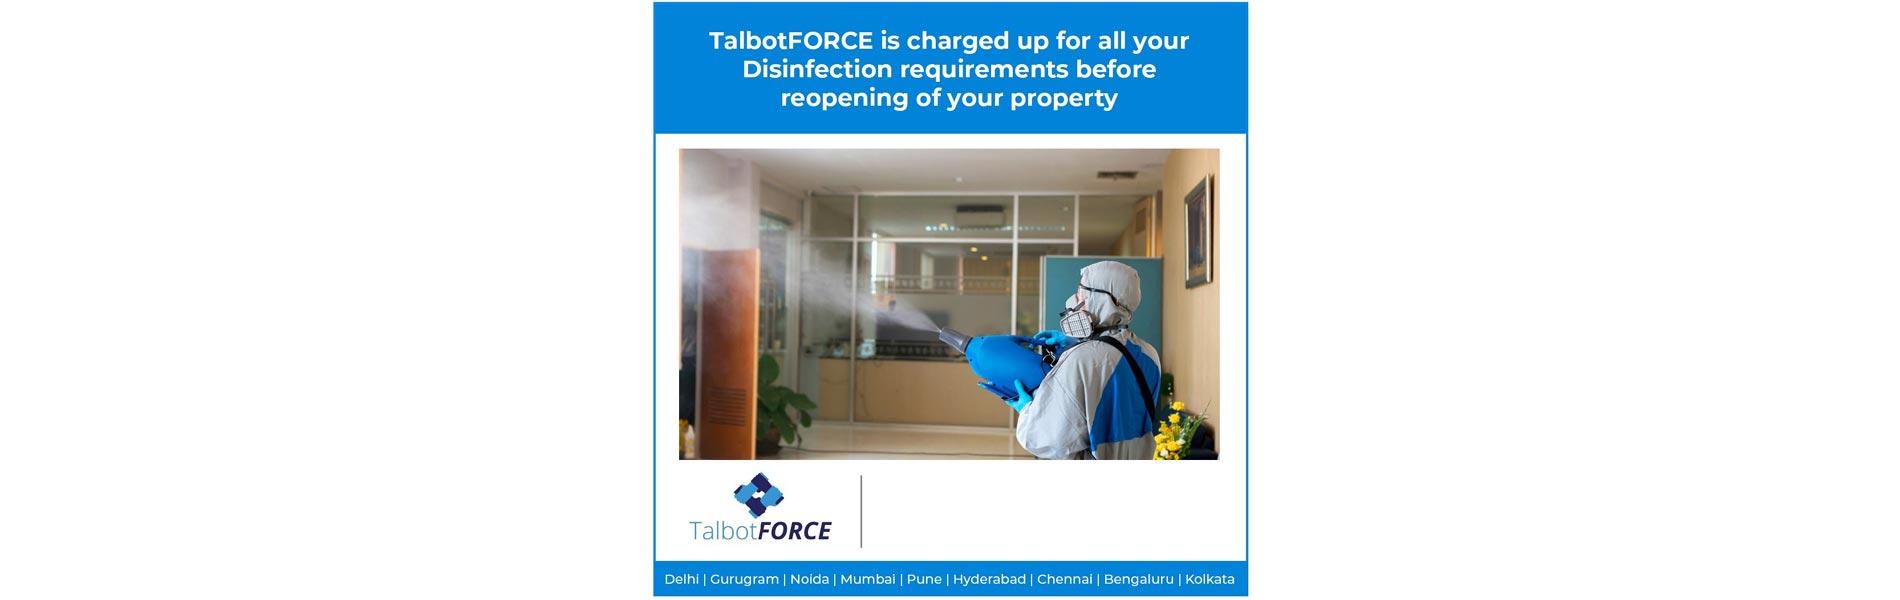 Talbot Force